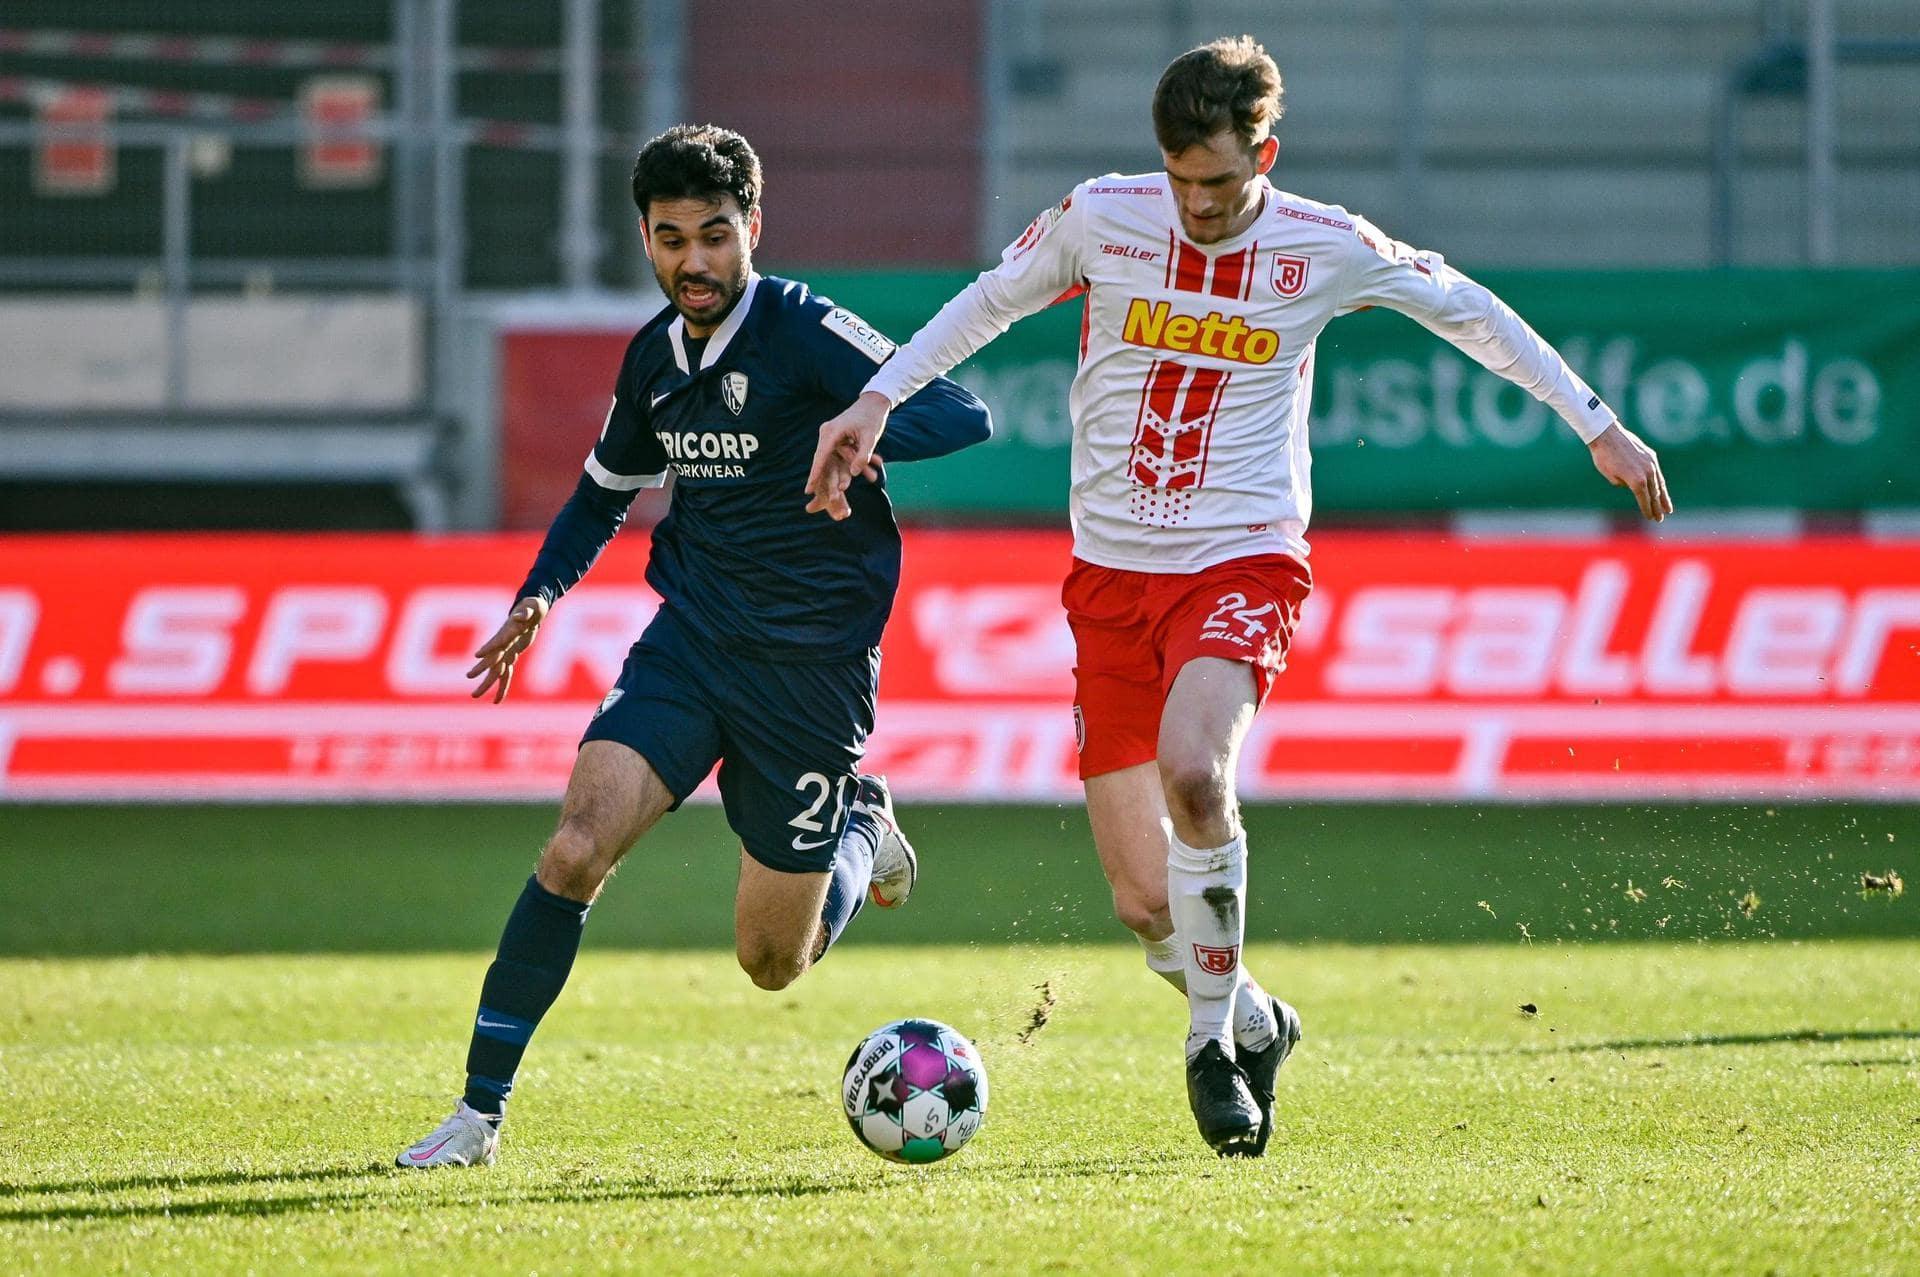 Regensburg kassiert Heimniederlage 0:2 gegen VfL Bochum